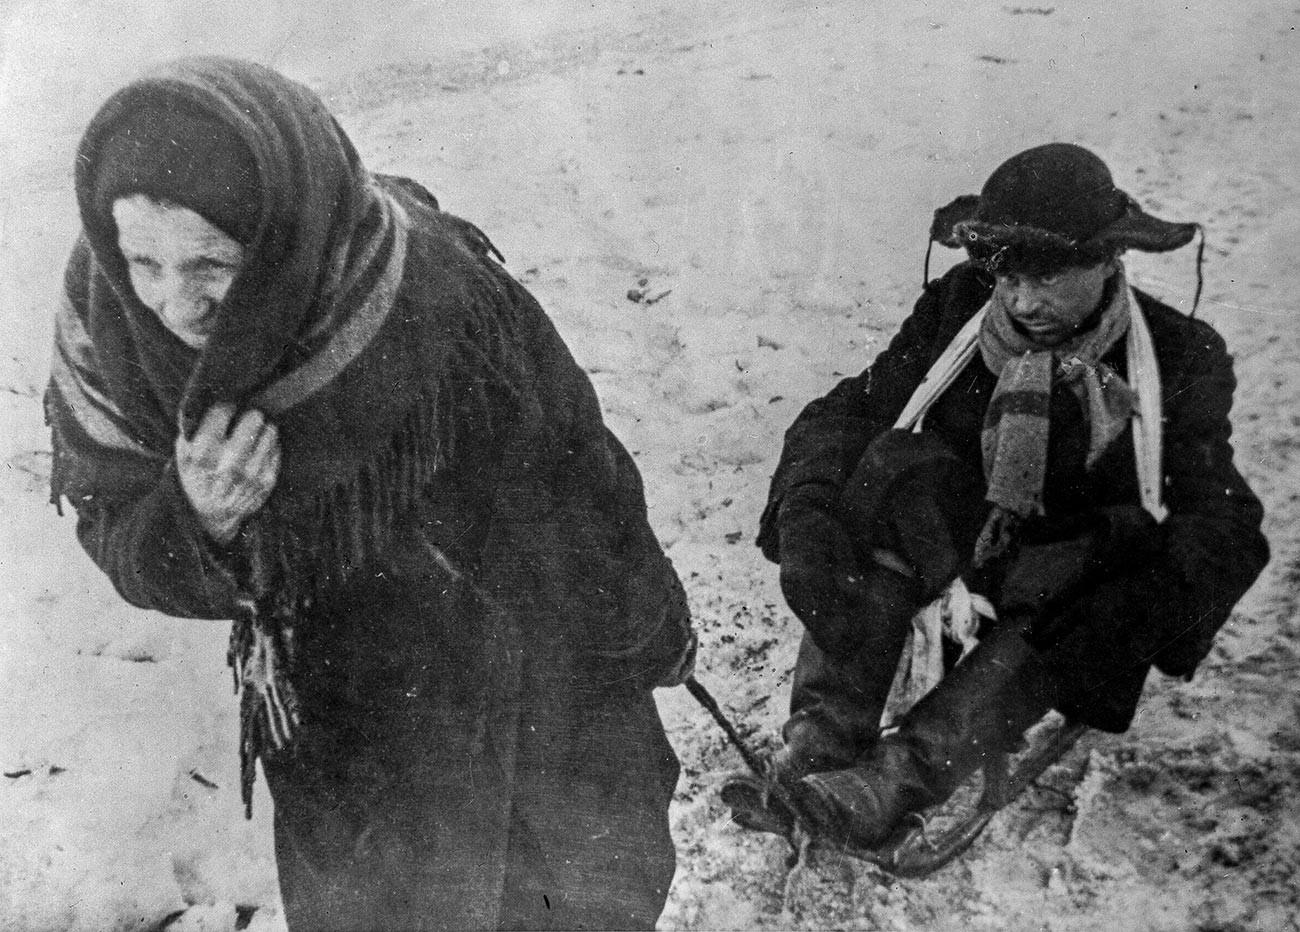 Блокада Лењинграда (8. септембар 1941. – 27 јануара 1944.). Жена вуче на санкама мужа исцрпљеног од глади. Велики отаџбински рат (1941-1945).